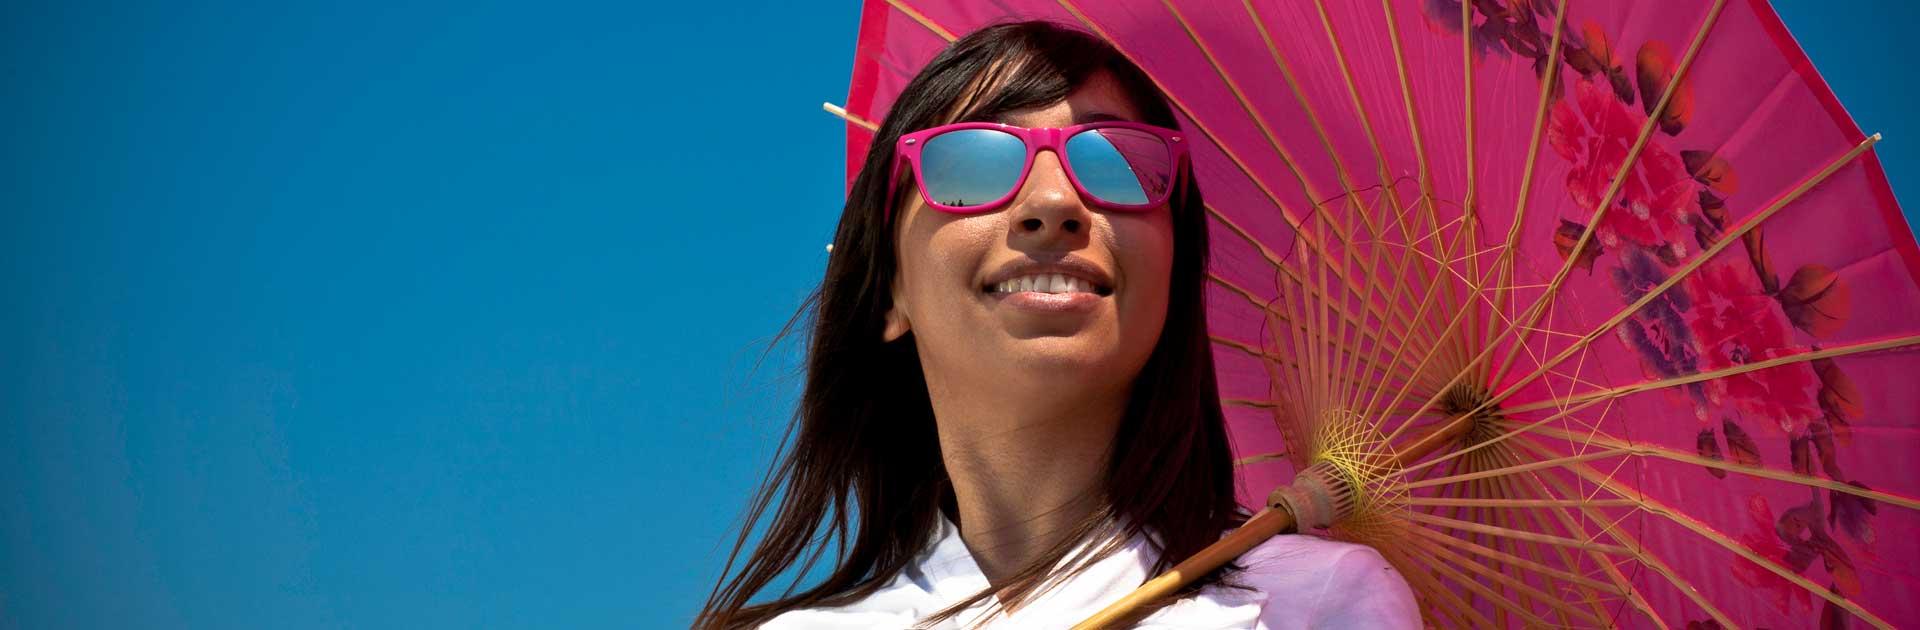 Reveca Torres : Artist & Social Change Agent